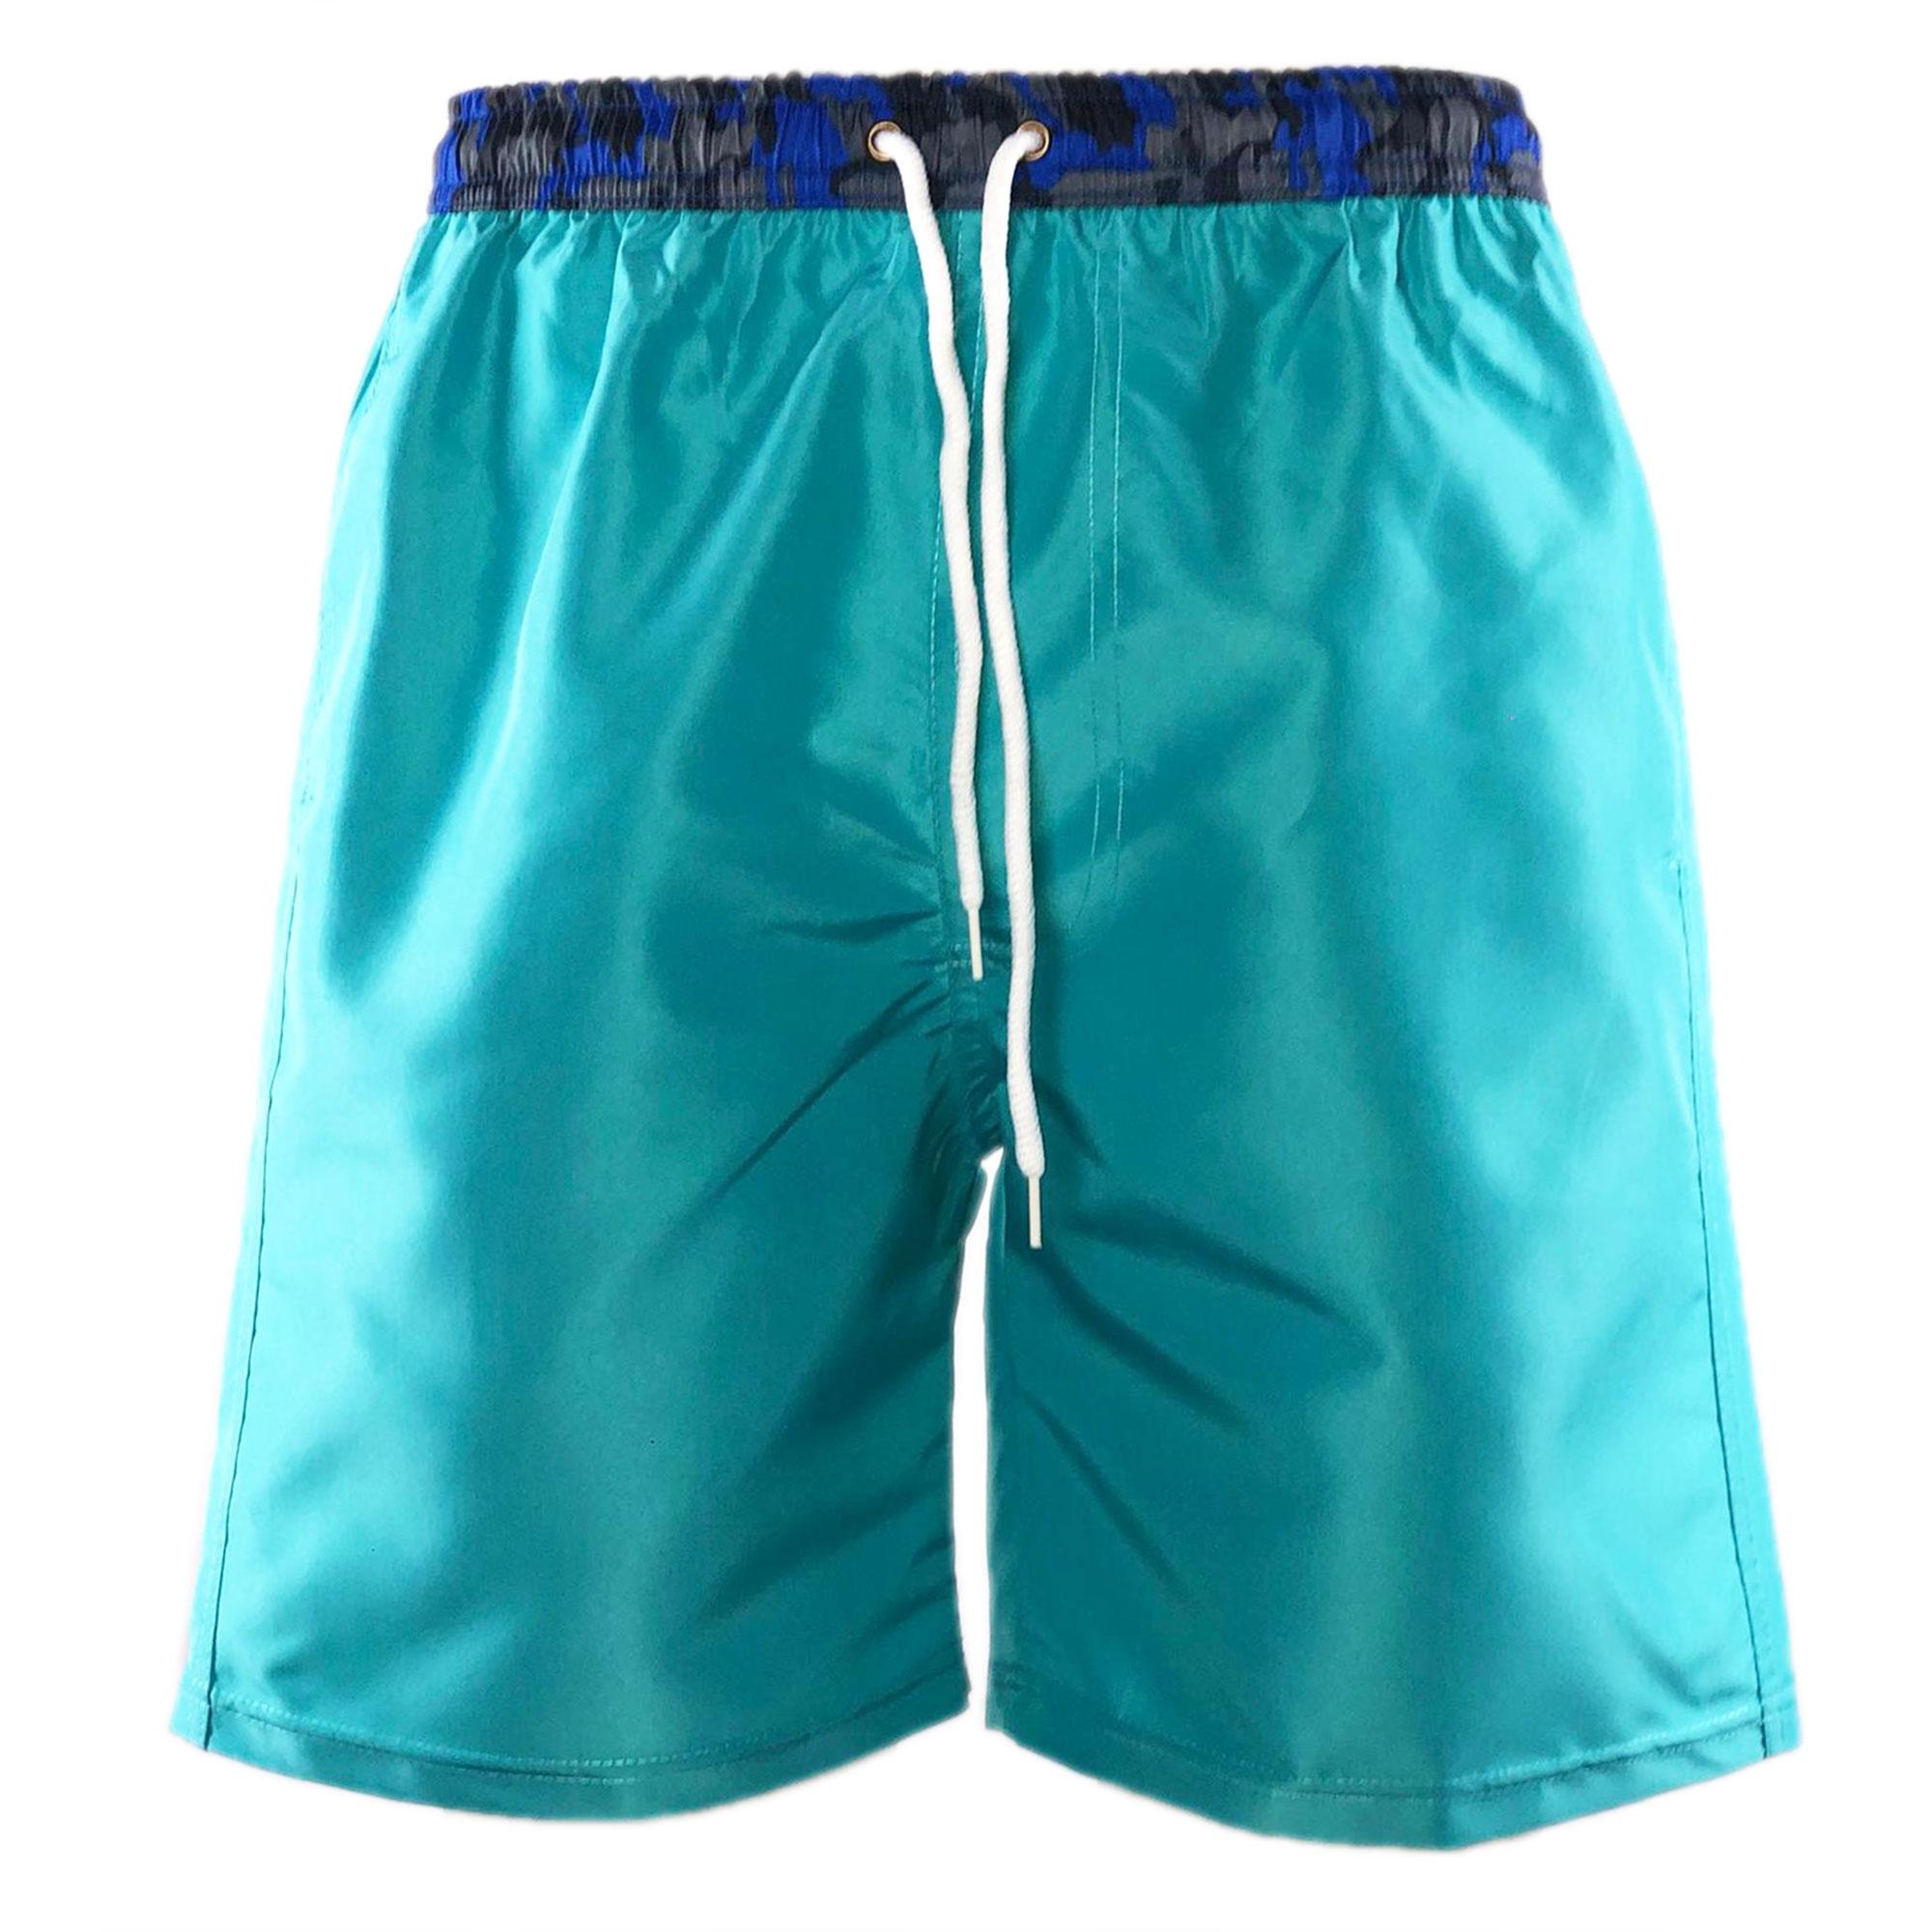 Costume-da-Bagno-Uomo-Lungo-Boxer-Celeste-Camouflage-Pantaloncino-Bermuda-Mare